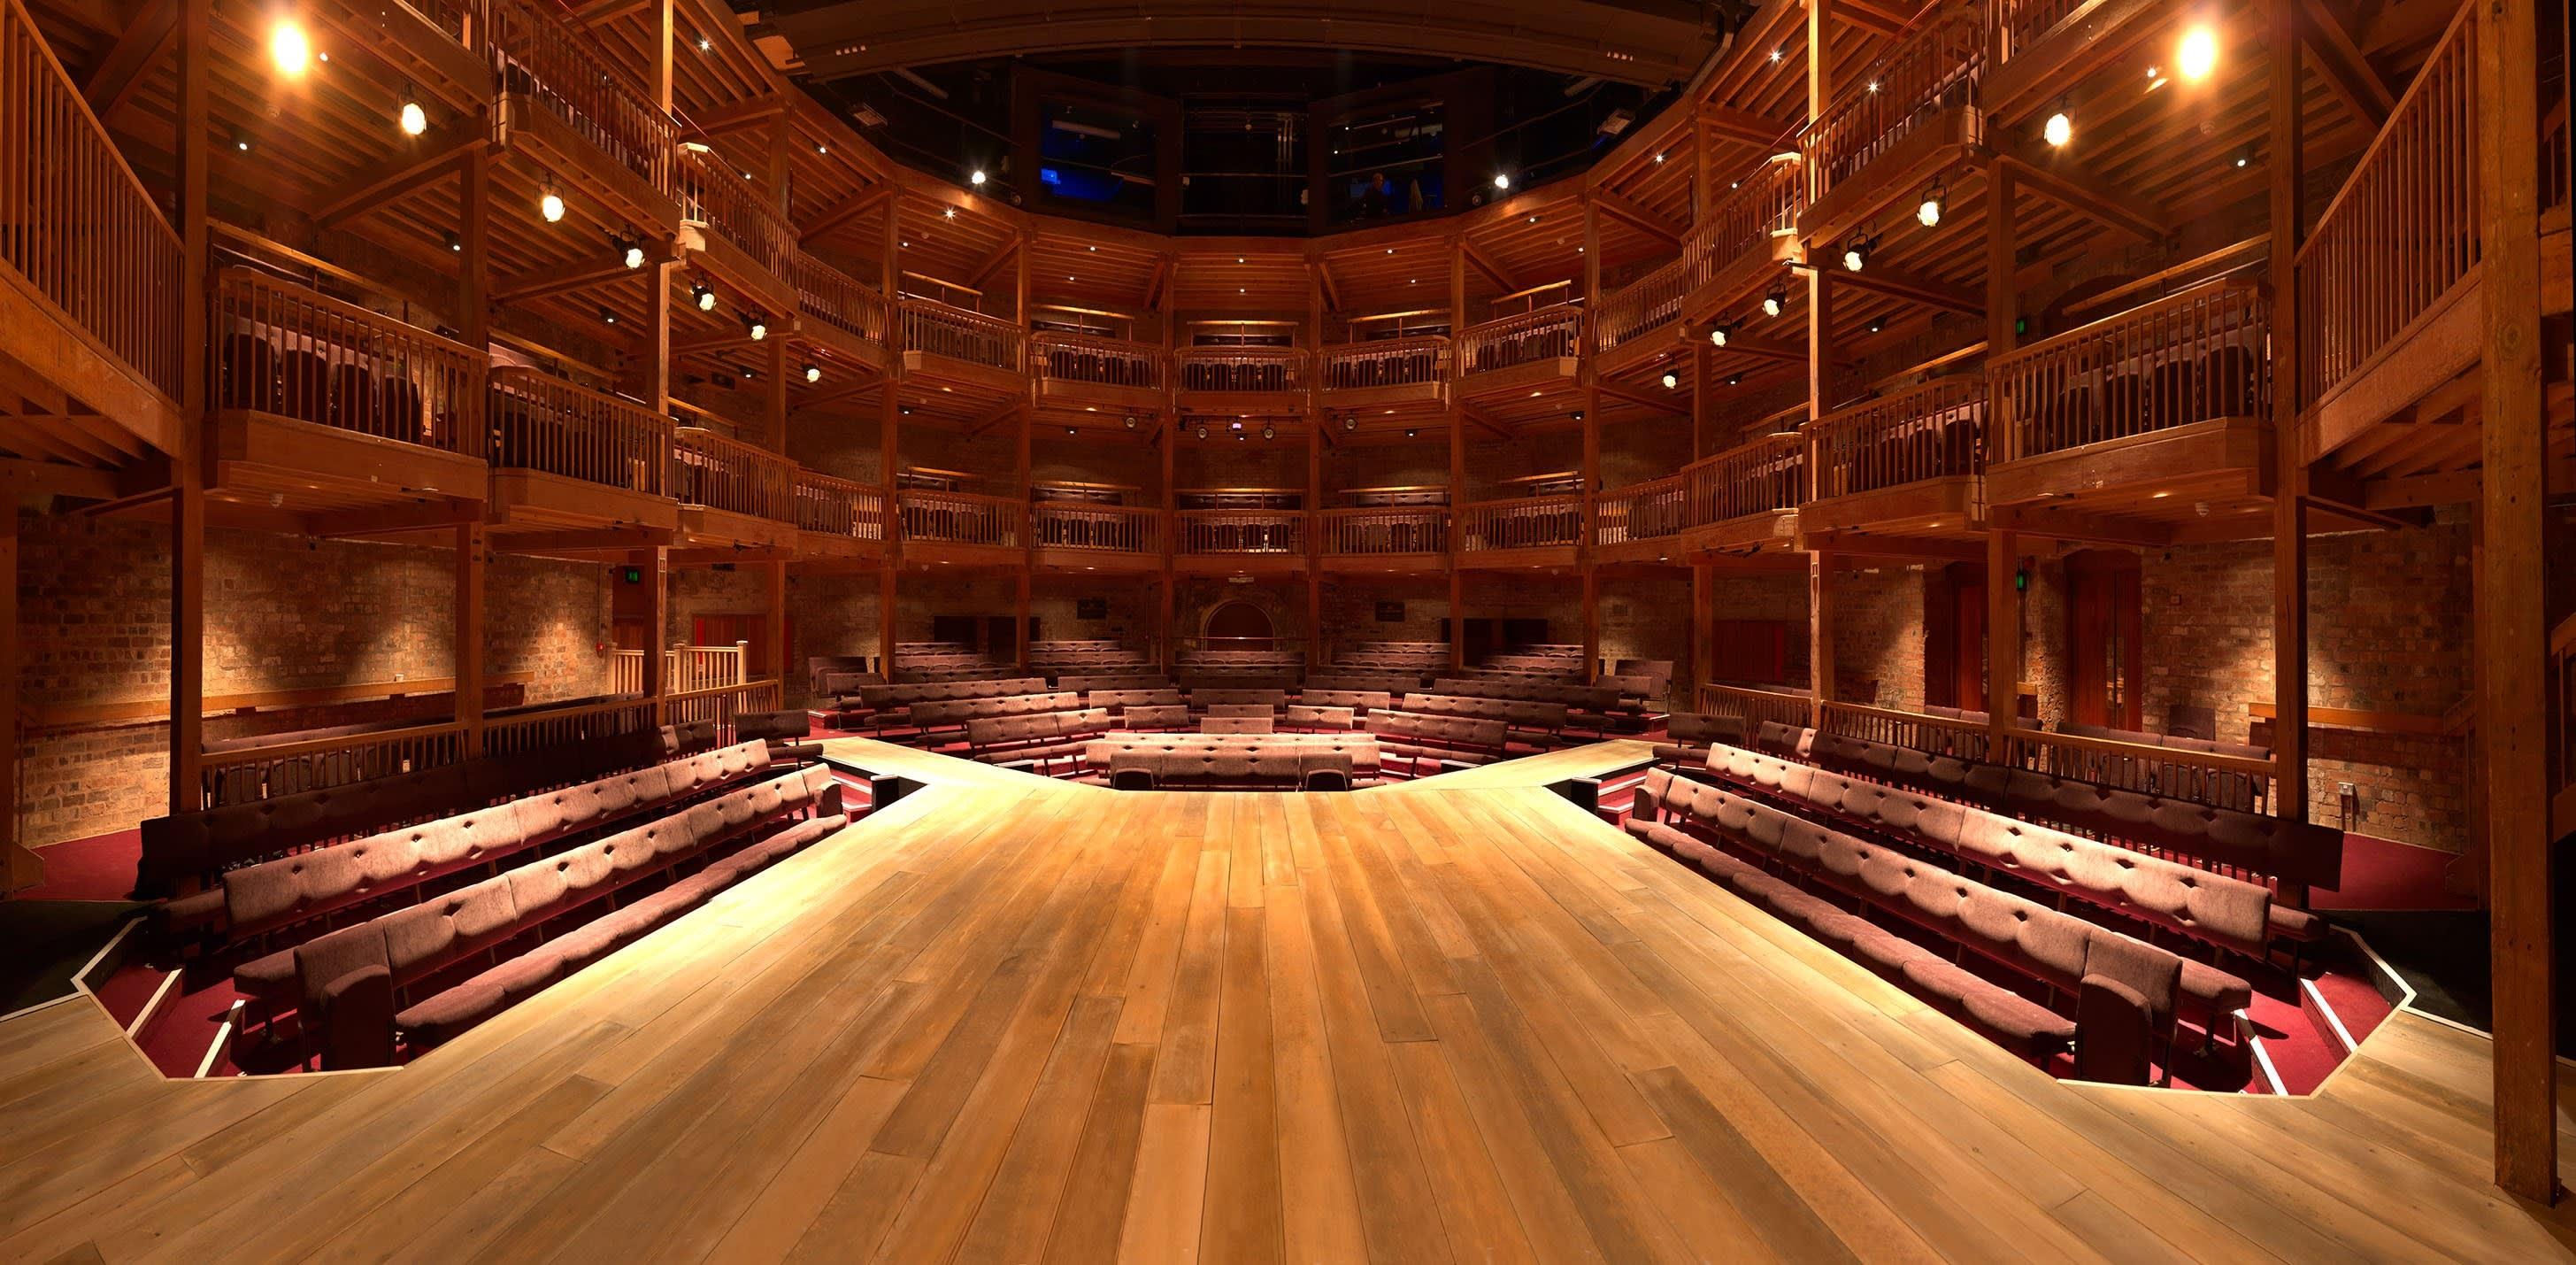 Swan Theatre auditorium 2012 Stewart Hemley  c  RSC 11031 2